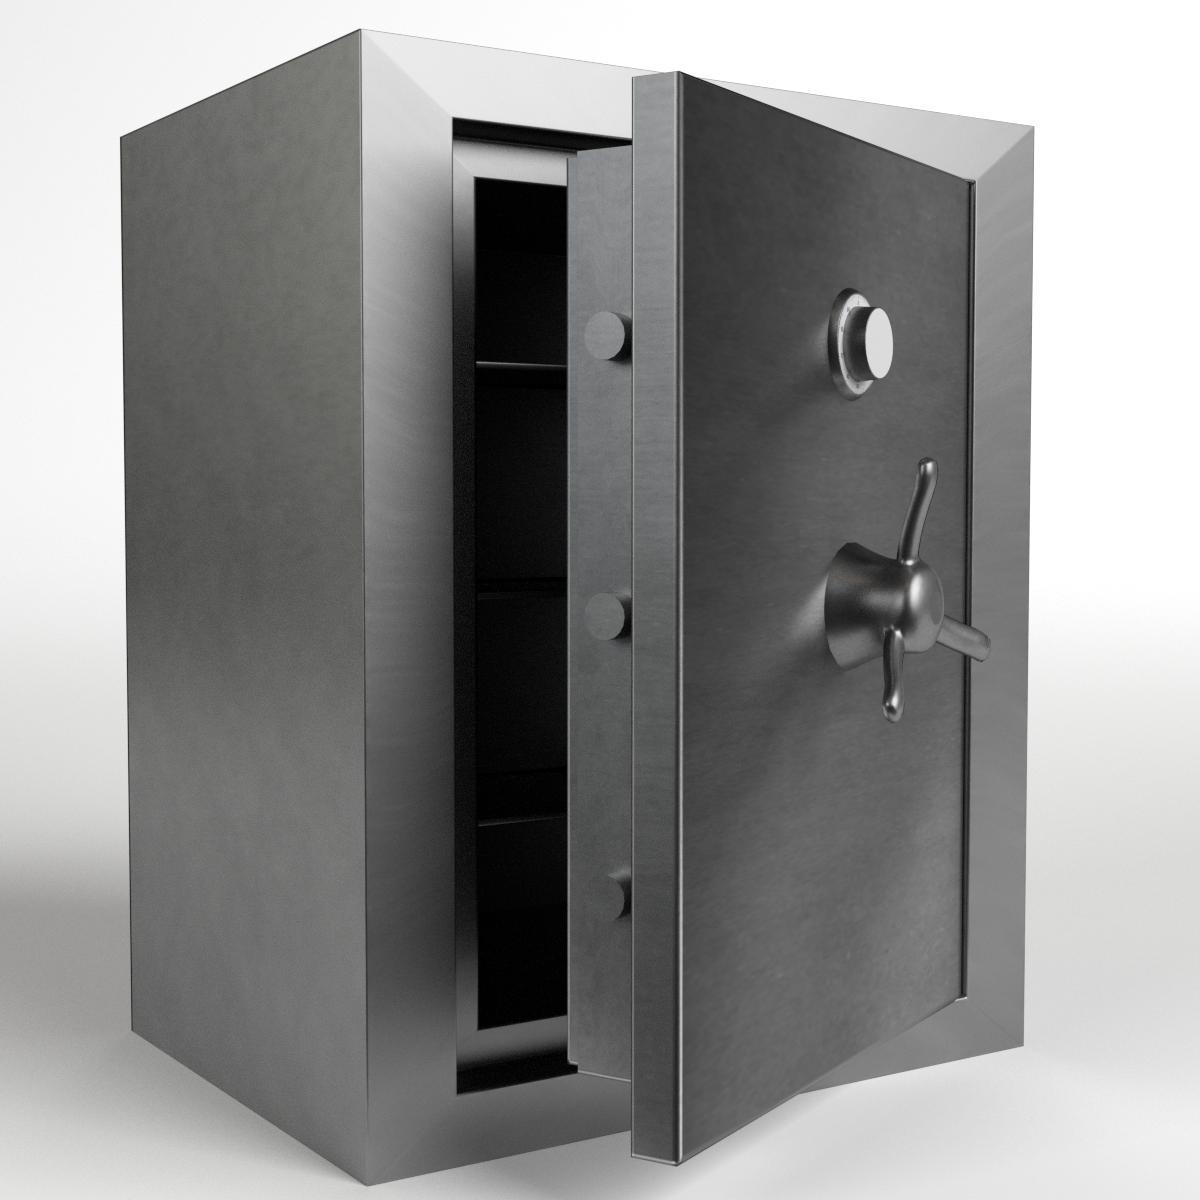 Commercial safe